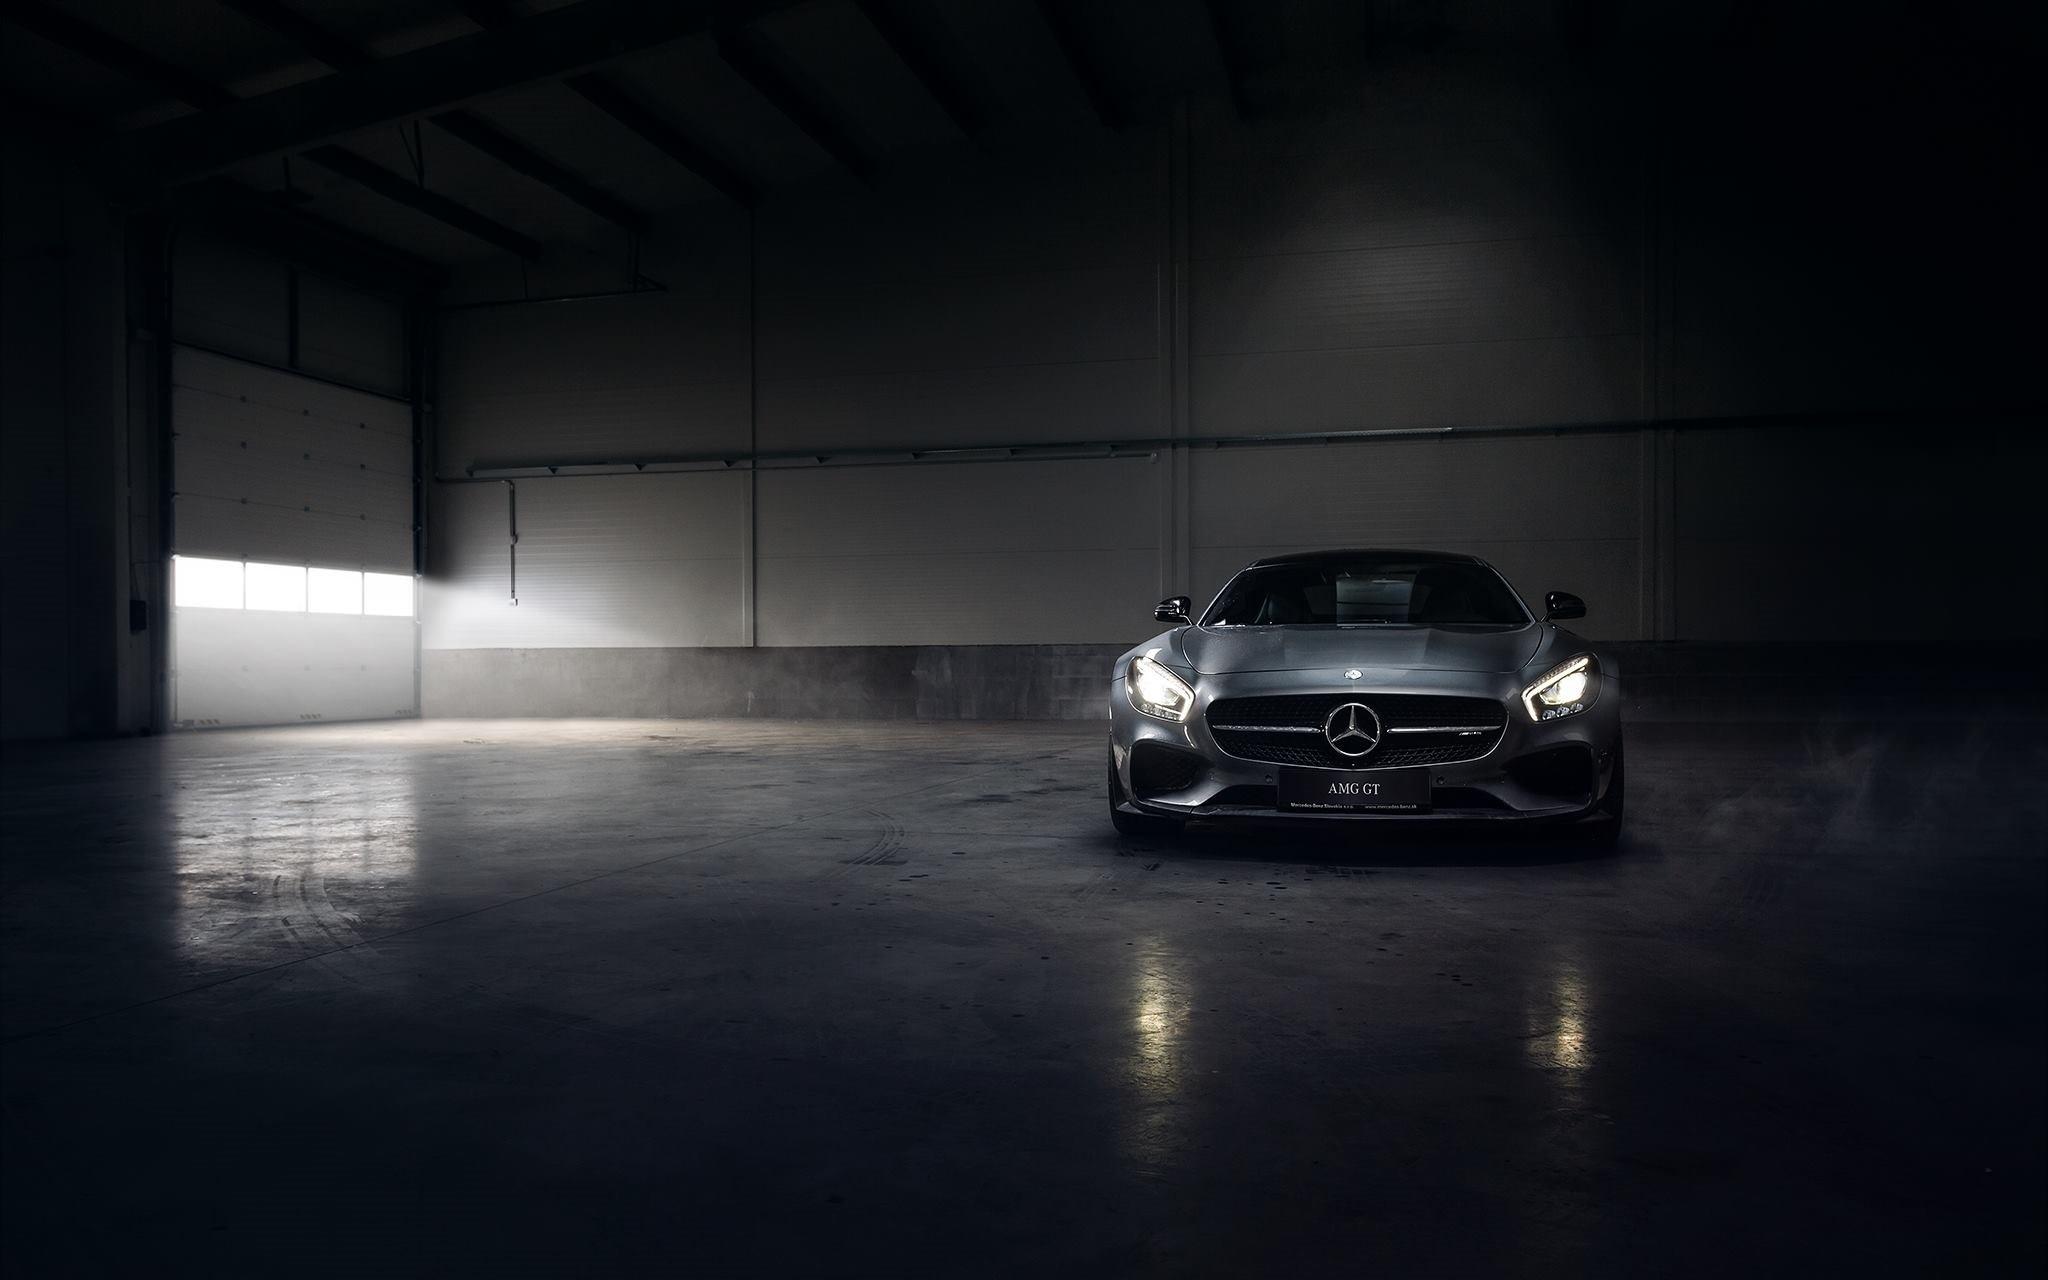 Fond D Ecran 2048x1280 Px Voiture Mercedes Amg Gt